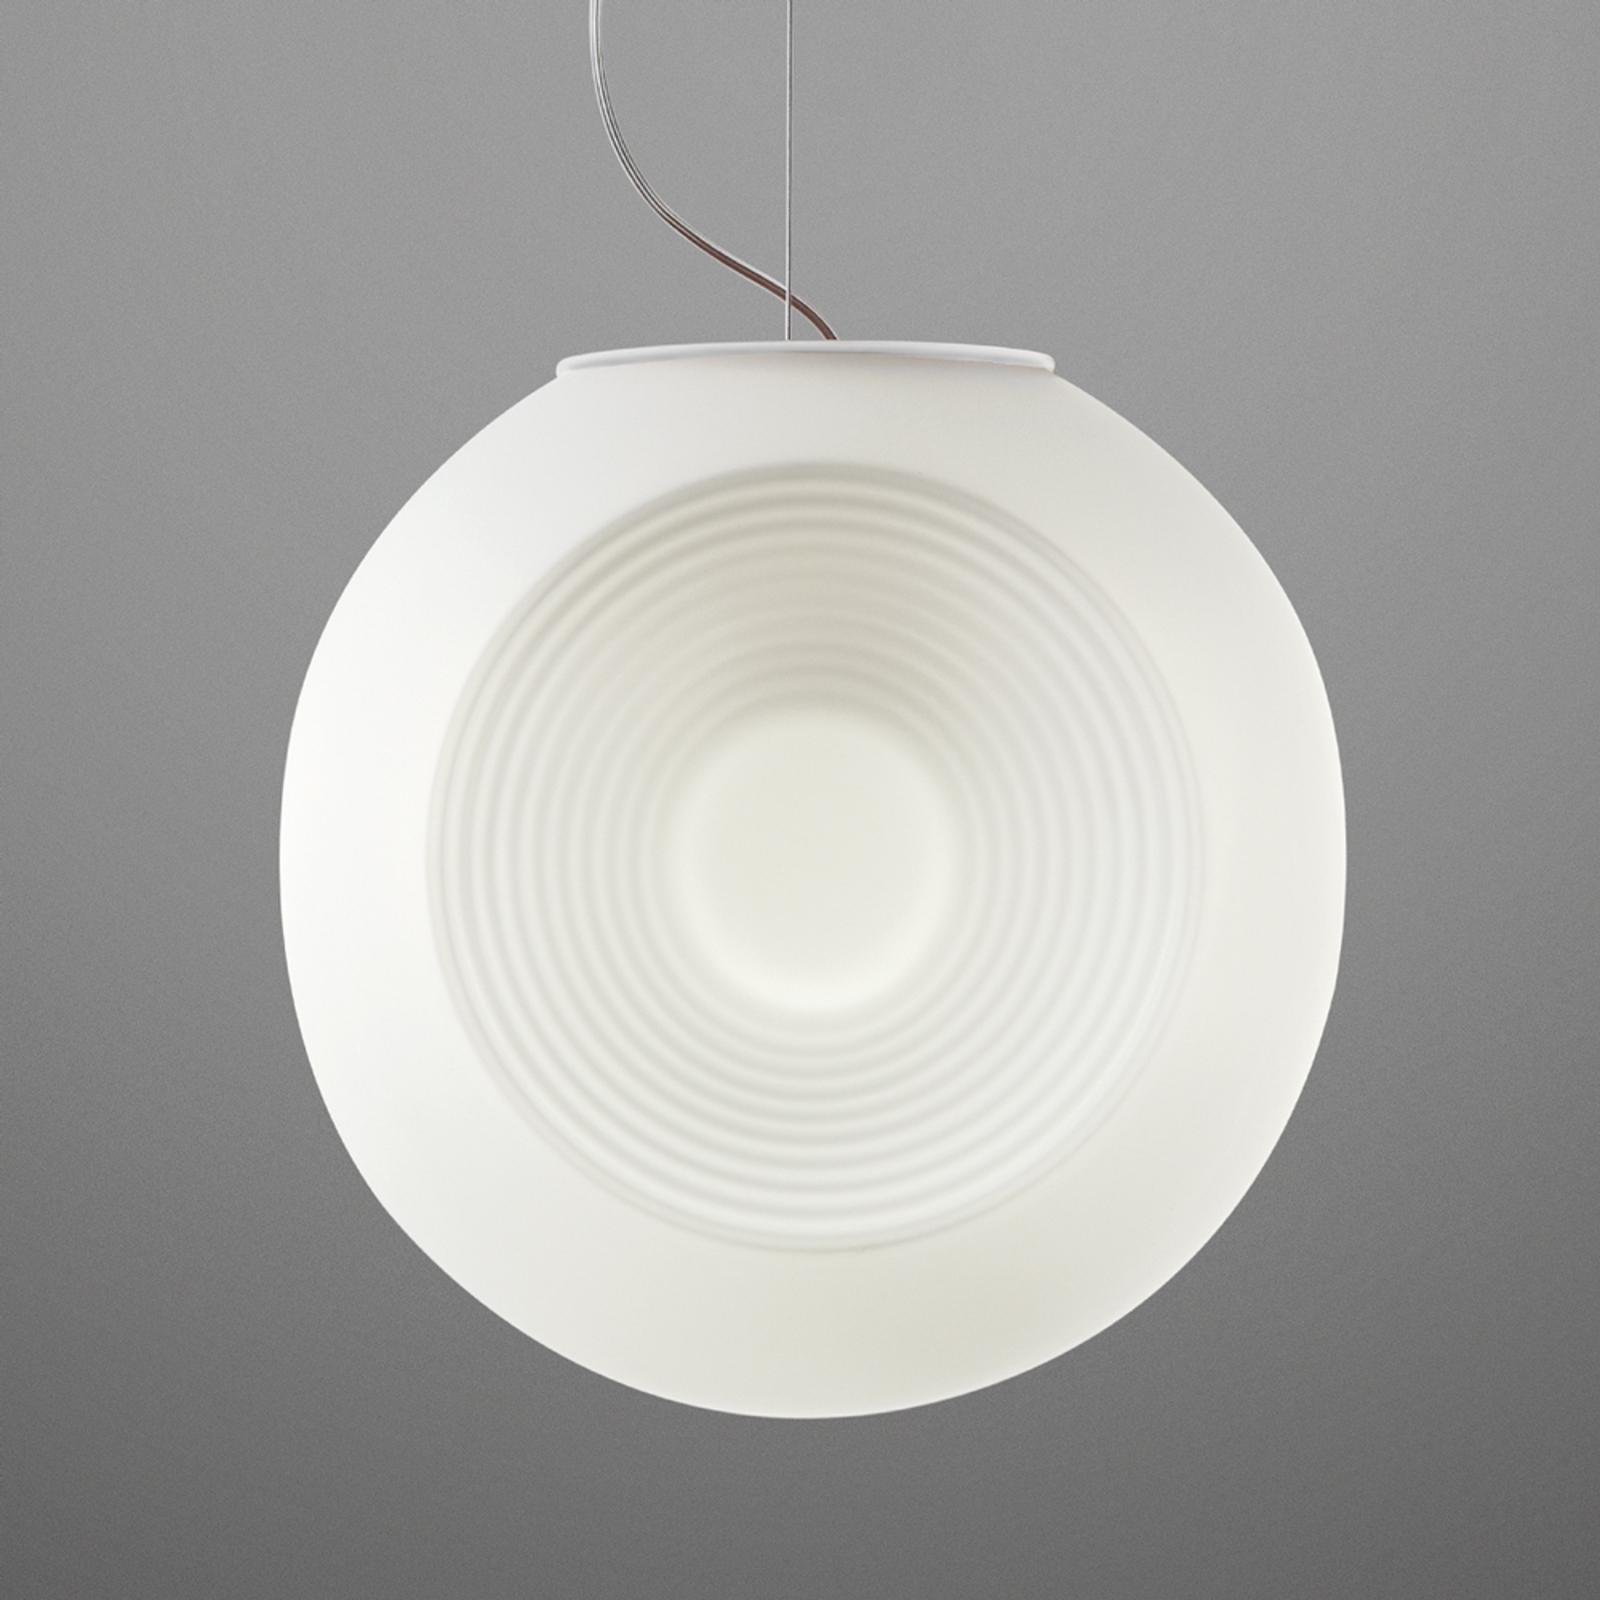 Fabbian Eyes - bílé skleněné závěsné světlo